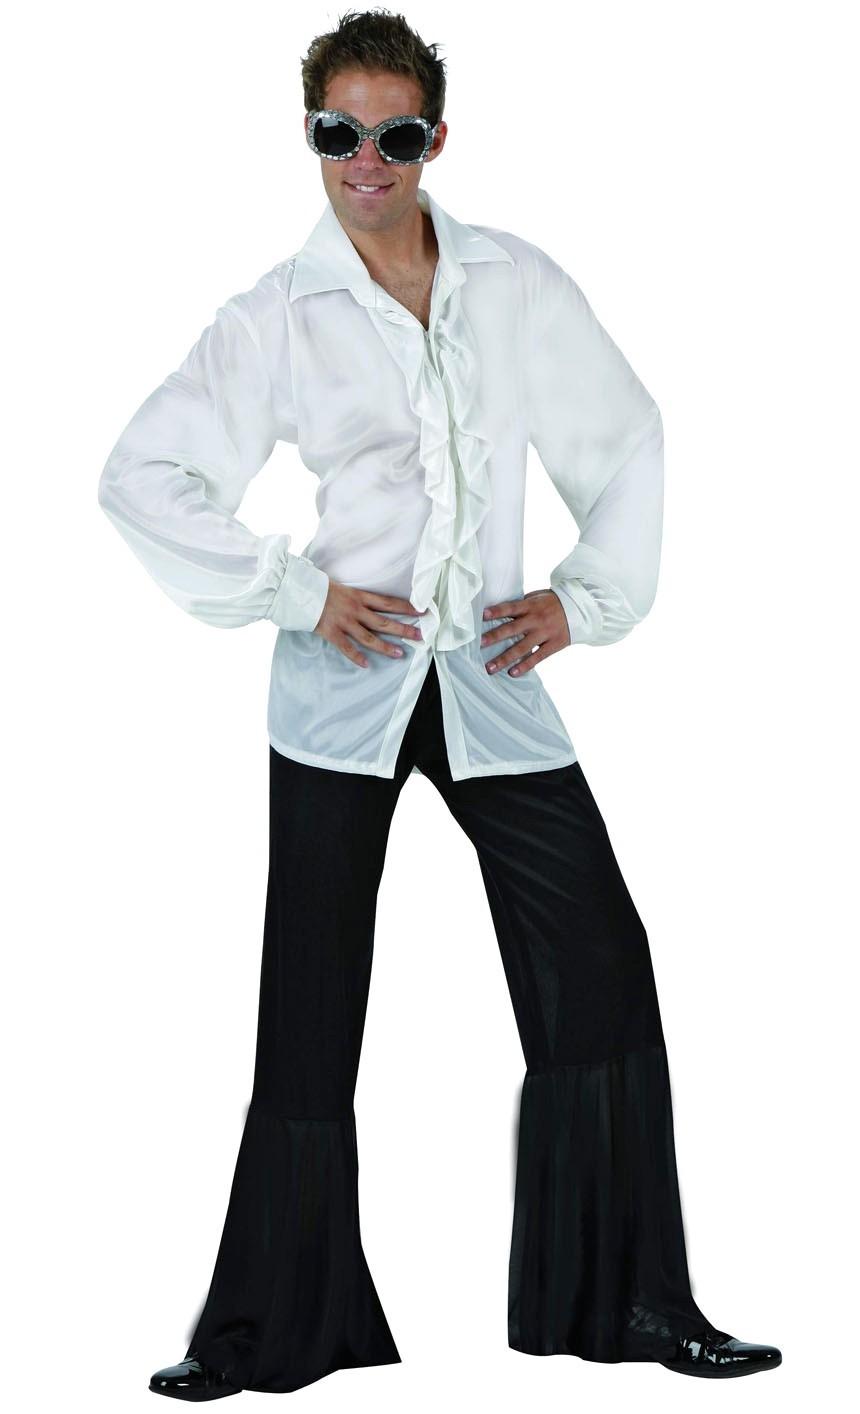 costume disco homme car interior design. Black Bedroom Furniture Sets. Home Design Ideas